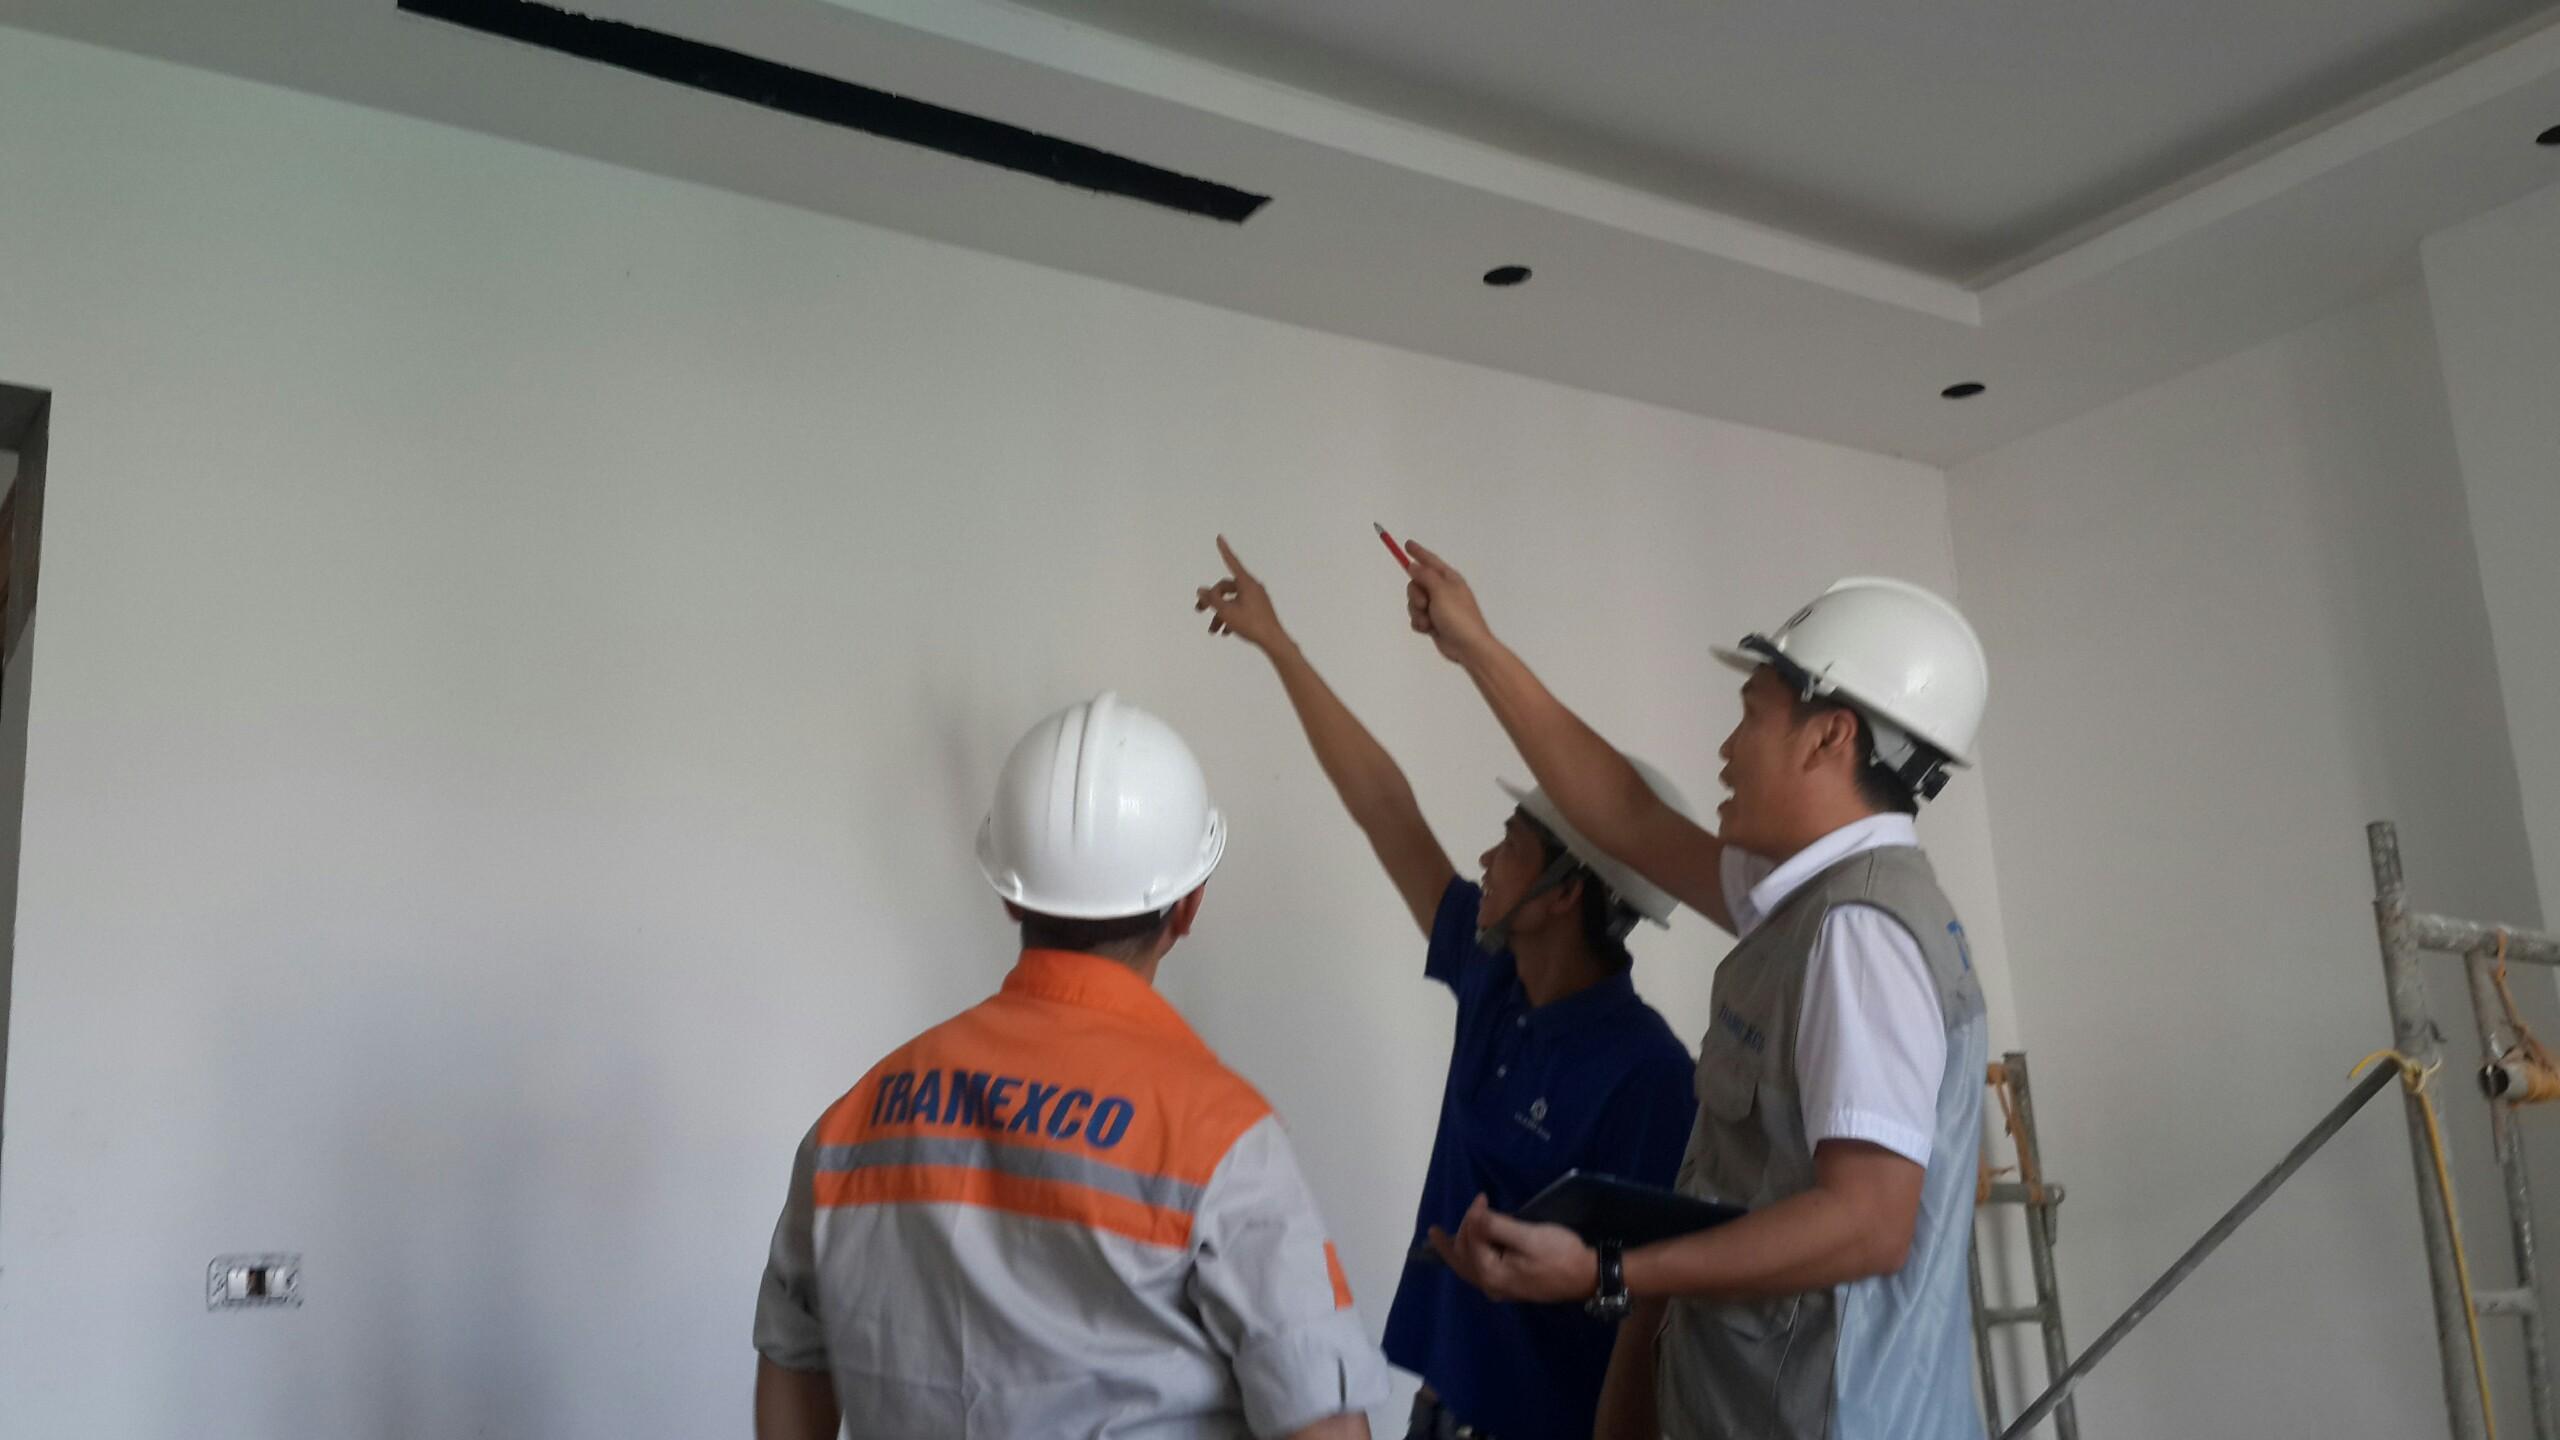 Bảng giá thi công điện nước trọn gói uy tín tại Thanh Hóa